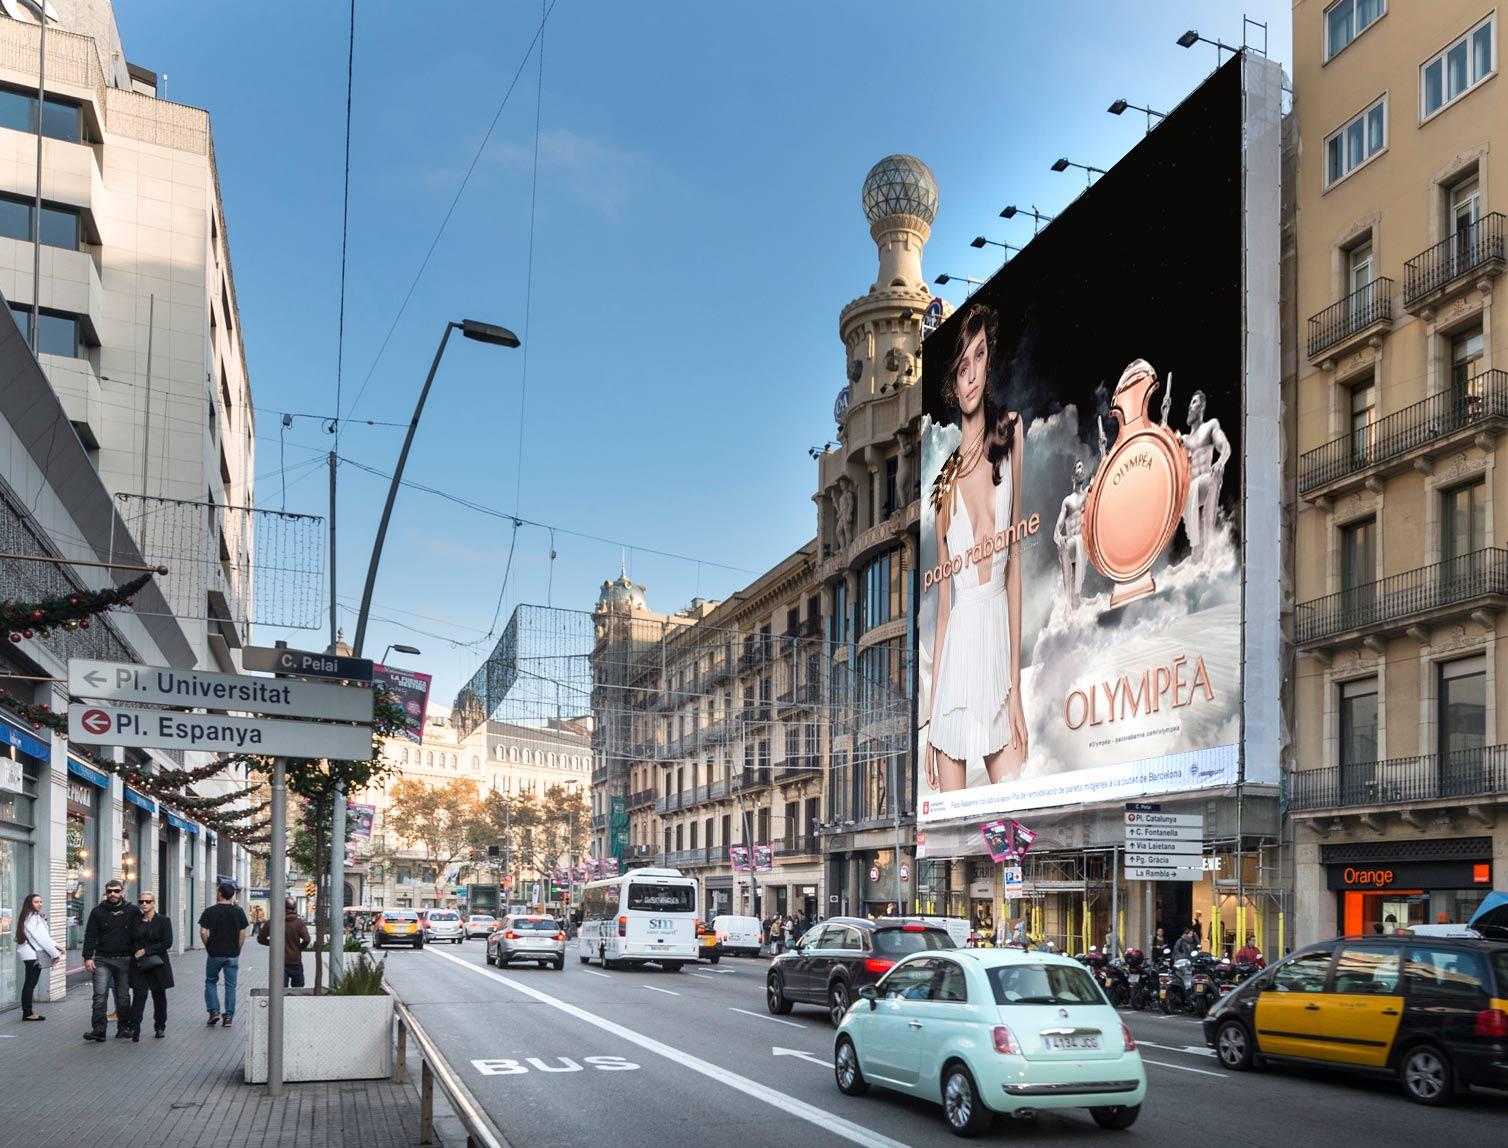 Lona publicitaria olympea en la calle pelayo de barcelona for Oficinas de pelayo en barcelona